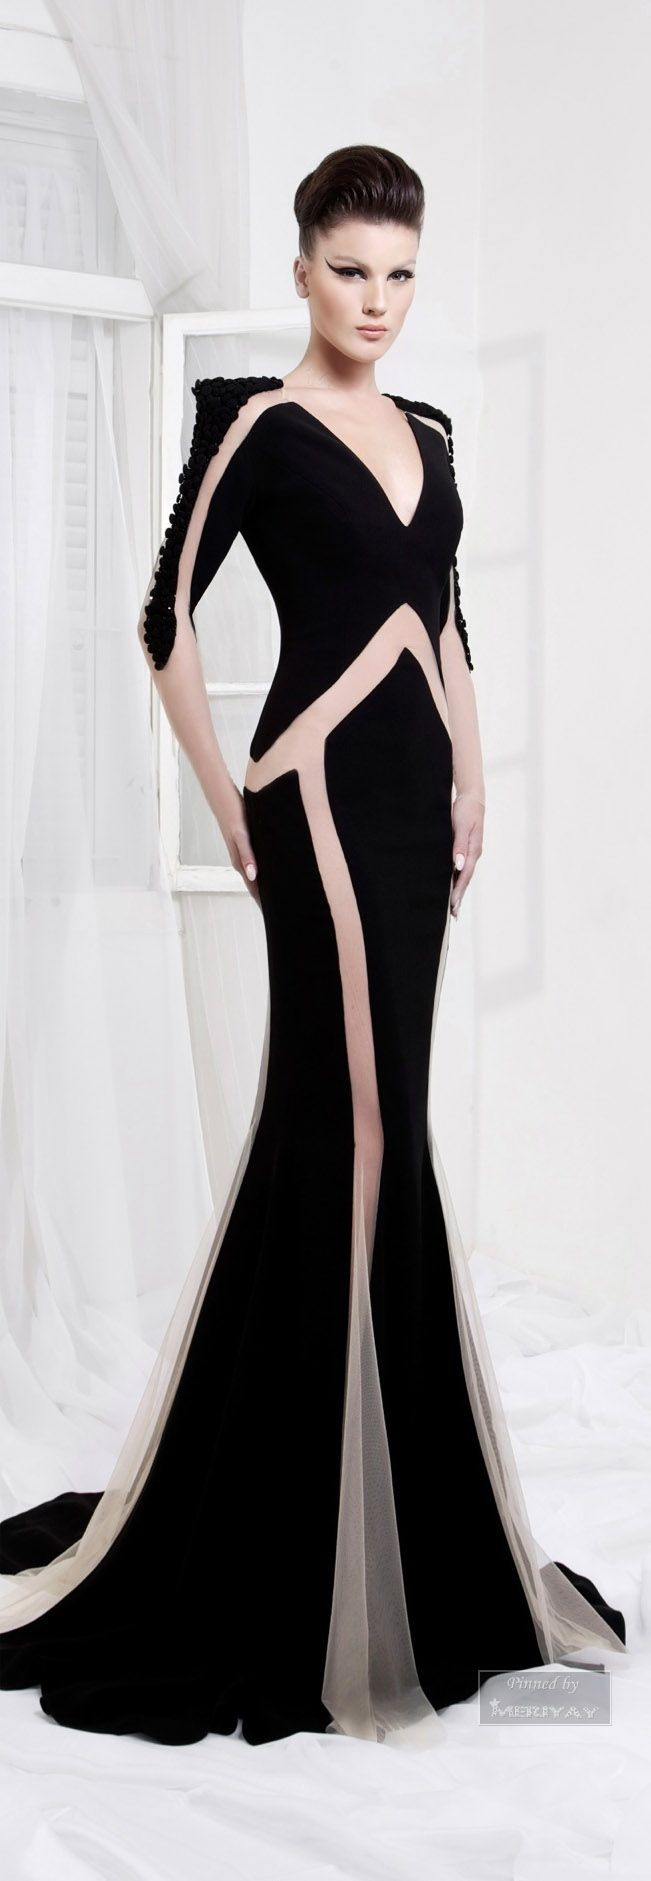 best black and white dresses images on pinterest dresses